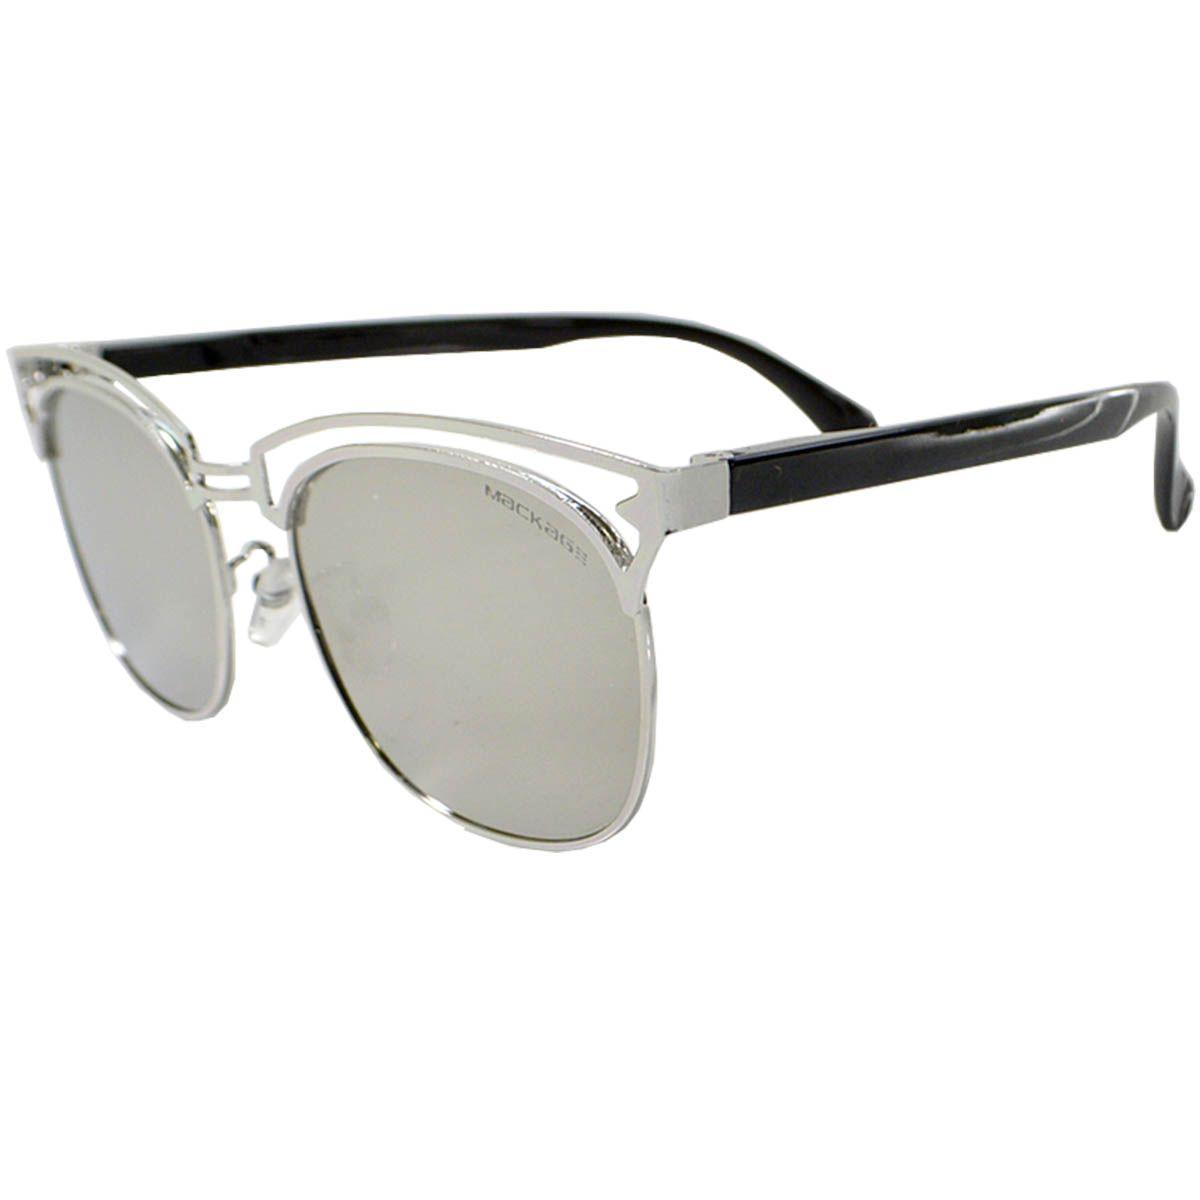 326ff168a Óculos de sol MACKAGE BRASIL | Comprar Óculos de Sol Online é Aqui ...